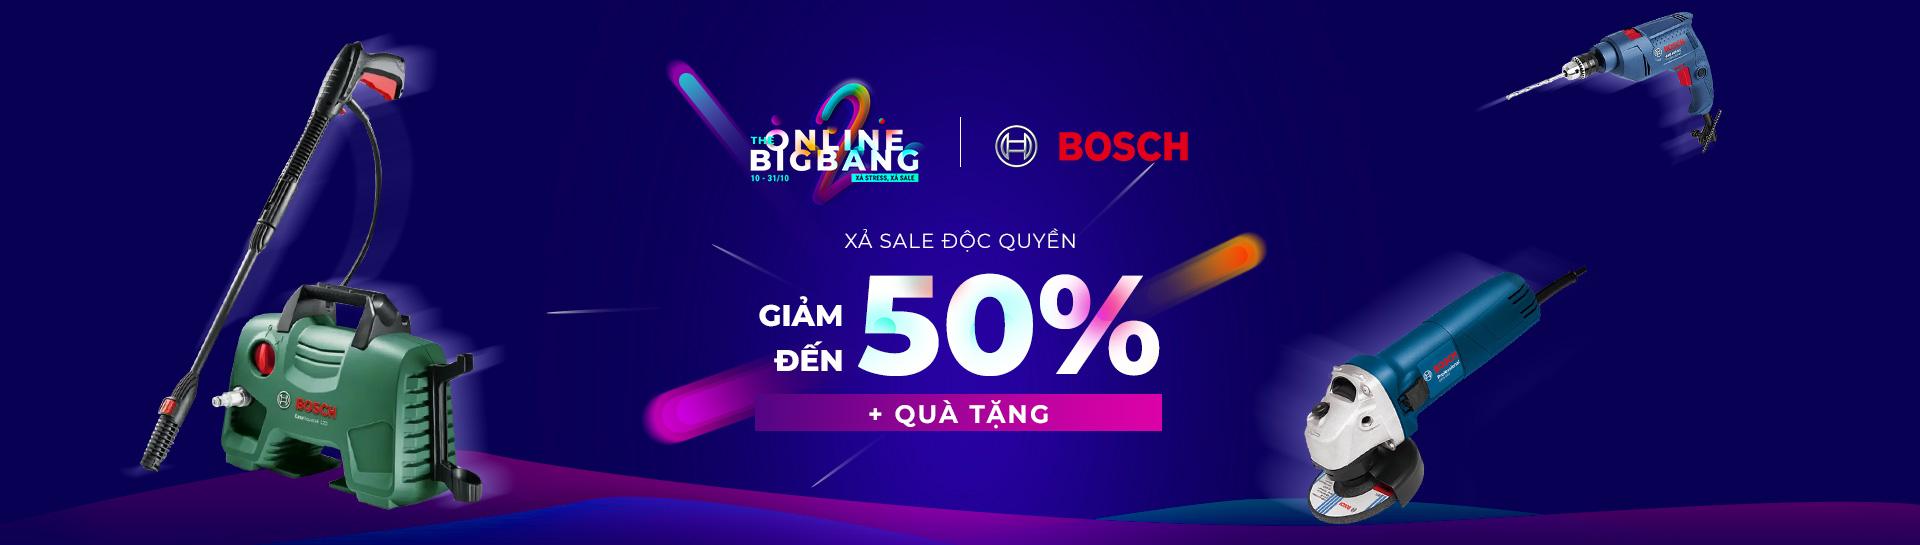 Bosch - Giảm giá đến 40% + Quà tặng